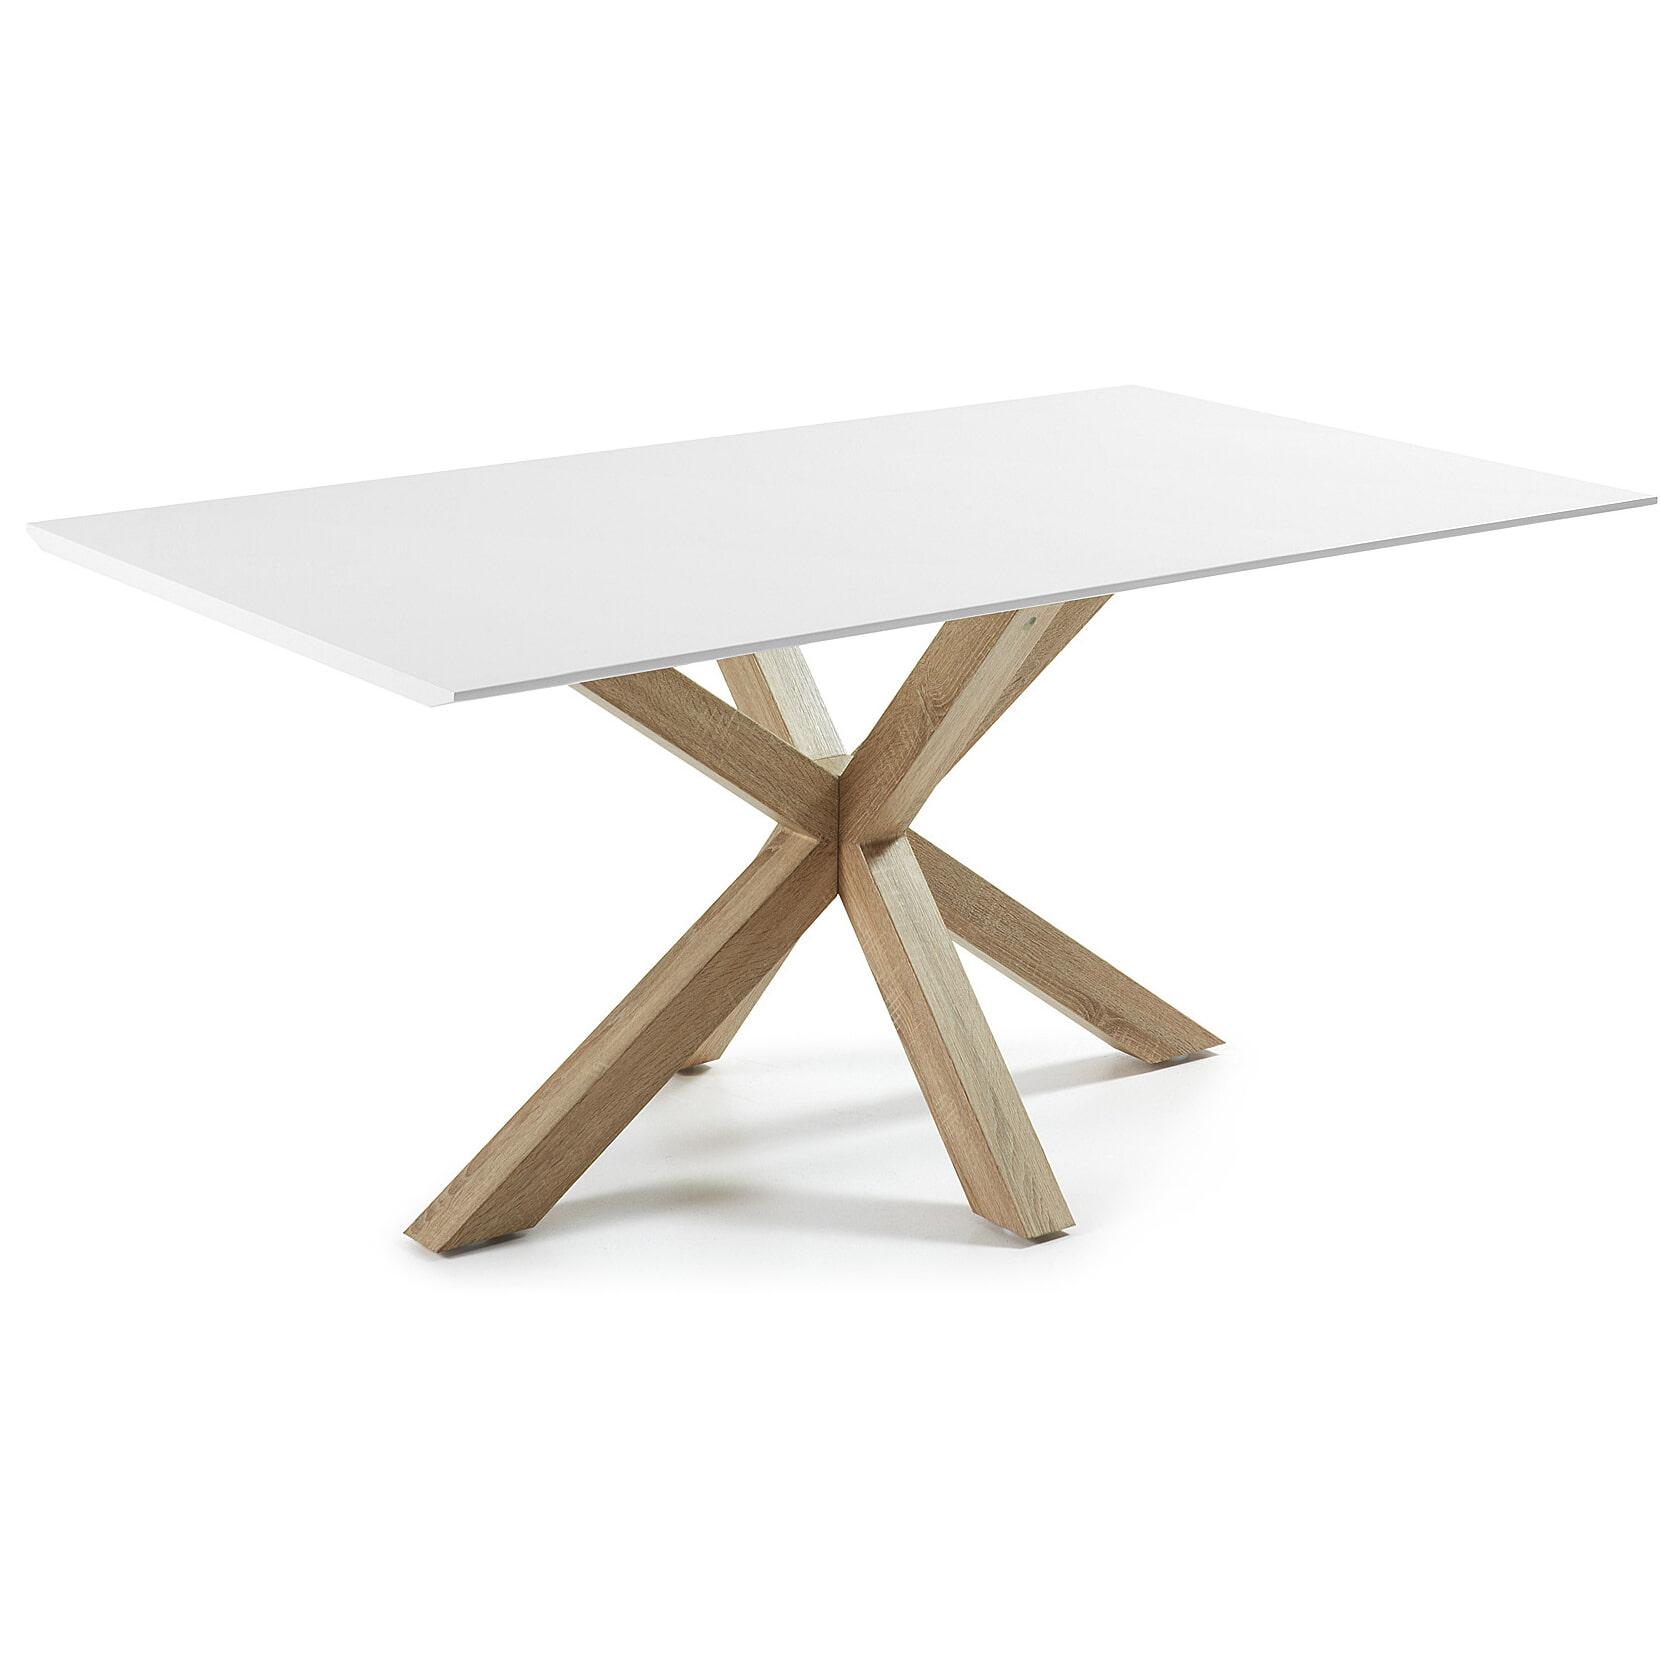 Kave Home Eettafel 'Argo' hout - wit, 180 x 100cm